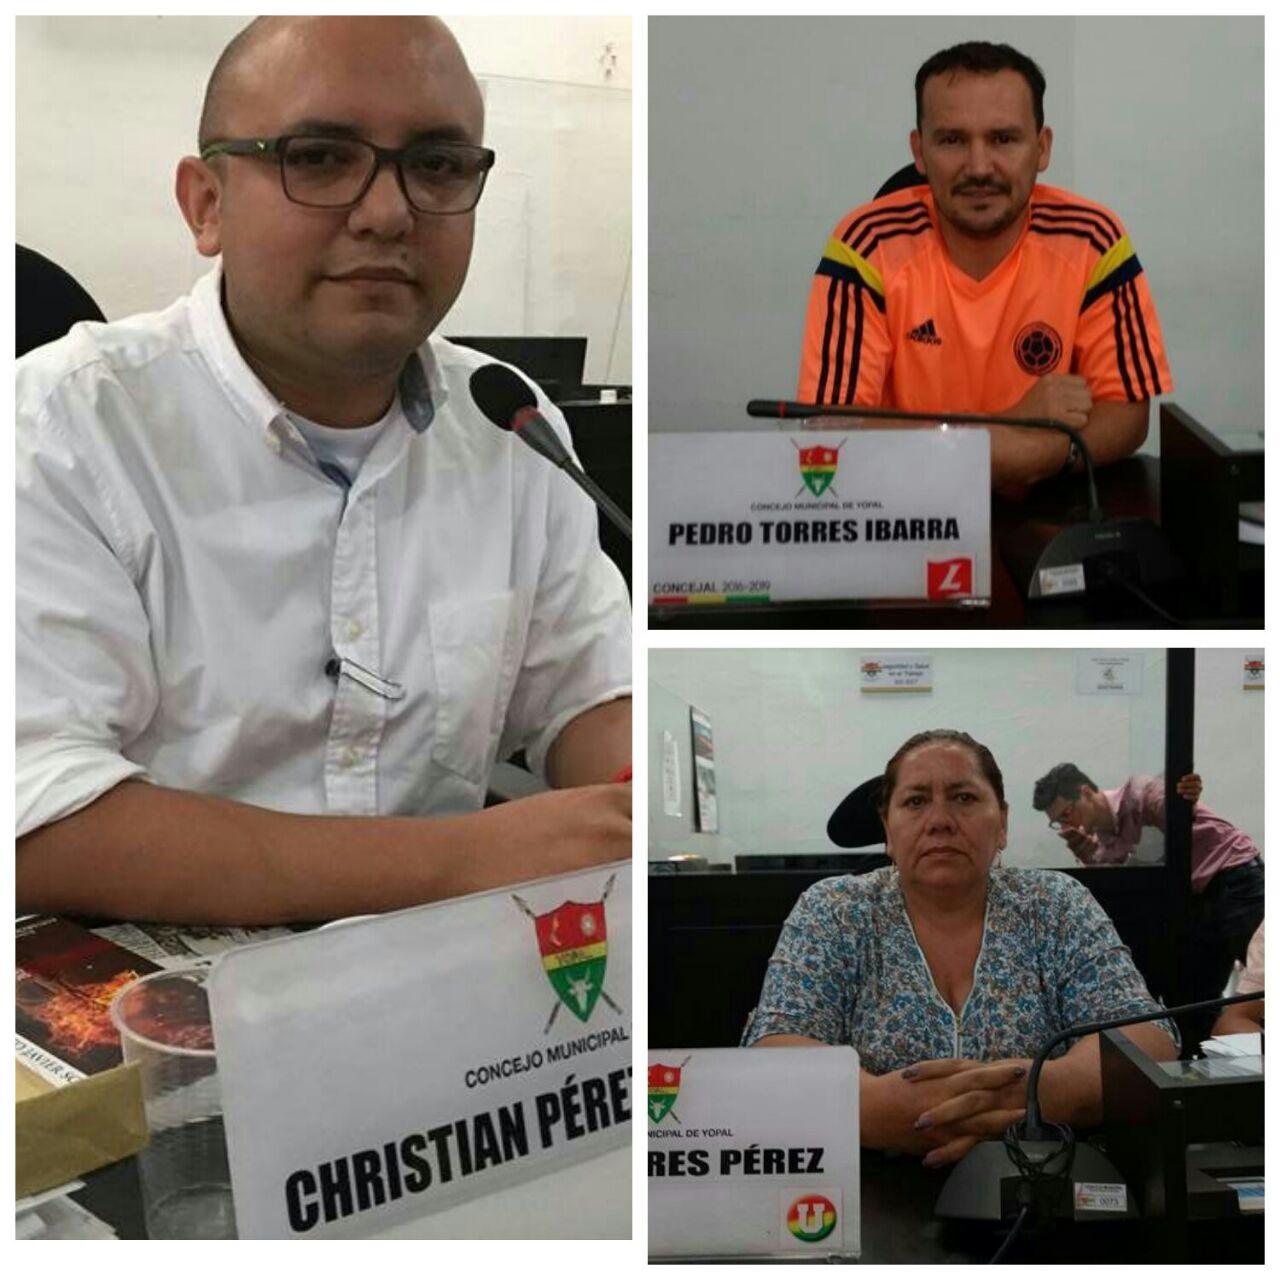 Se impuso mayoría de concejales afines al gobierno en nueva mesa directiva del concejo de Yopal